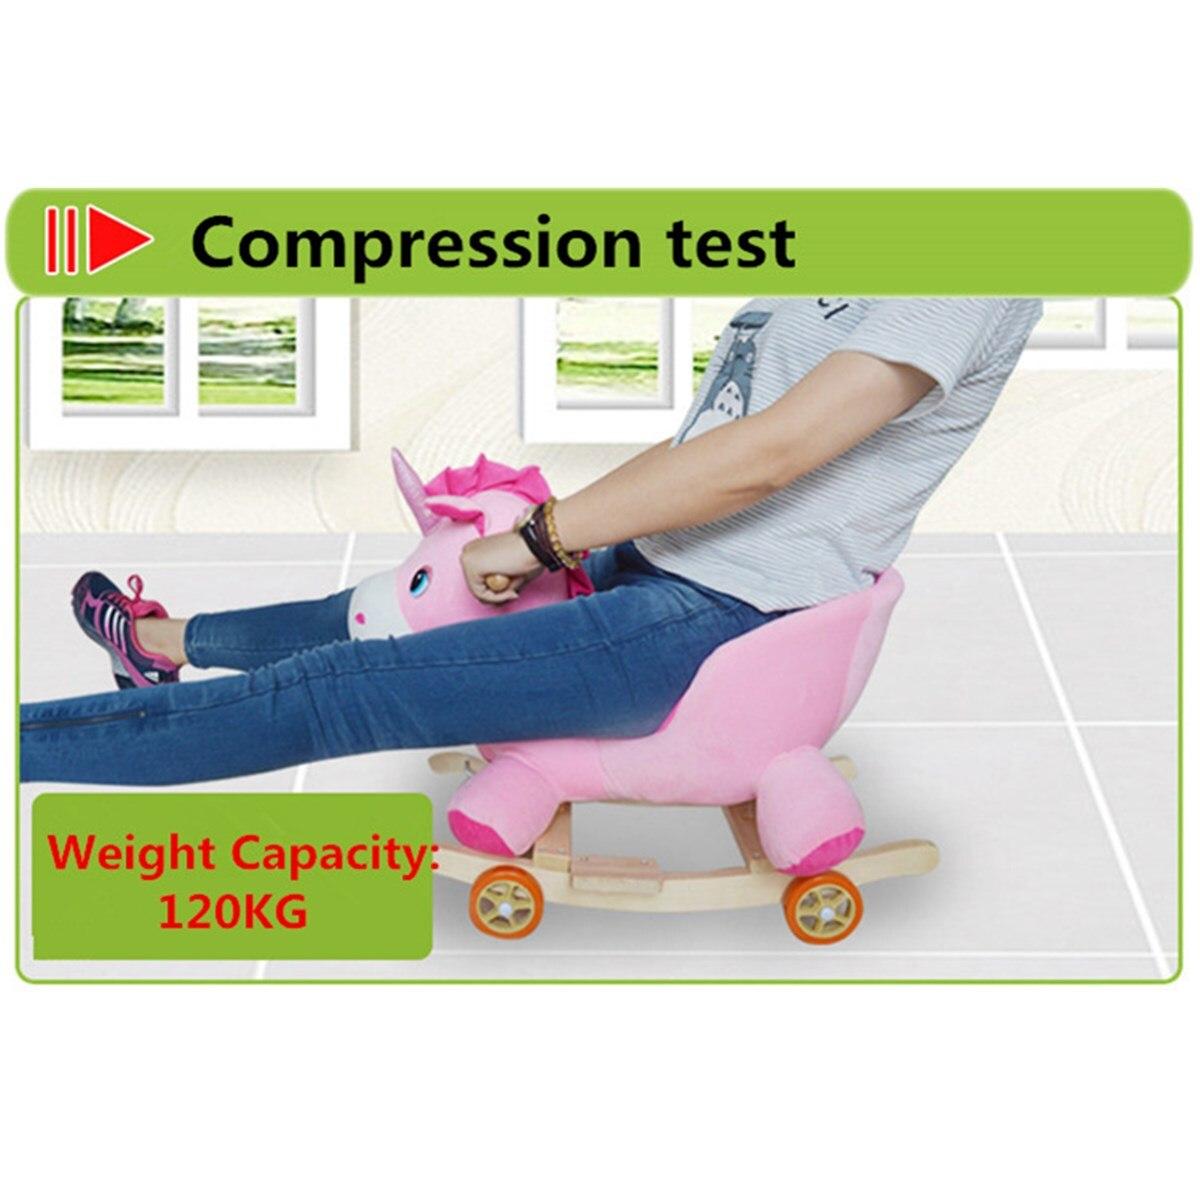 Деревянная плюшевая лошадка качалка, троянская игрушка, кресло качалка, детская коляска, детская тележка с музыкой, подарок для детей на ден... - 6